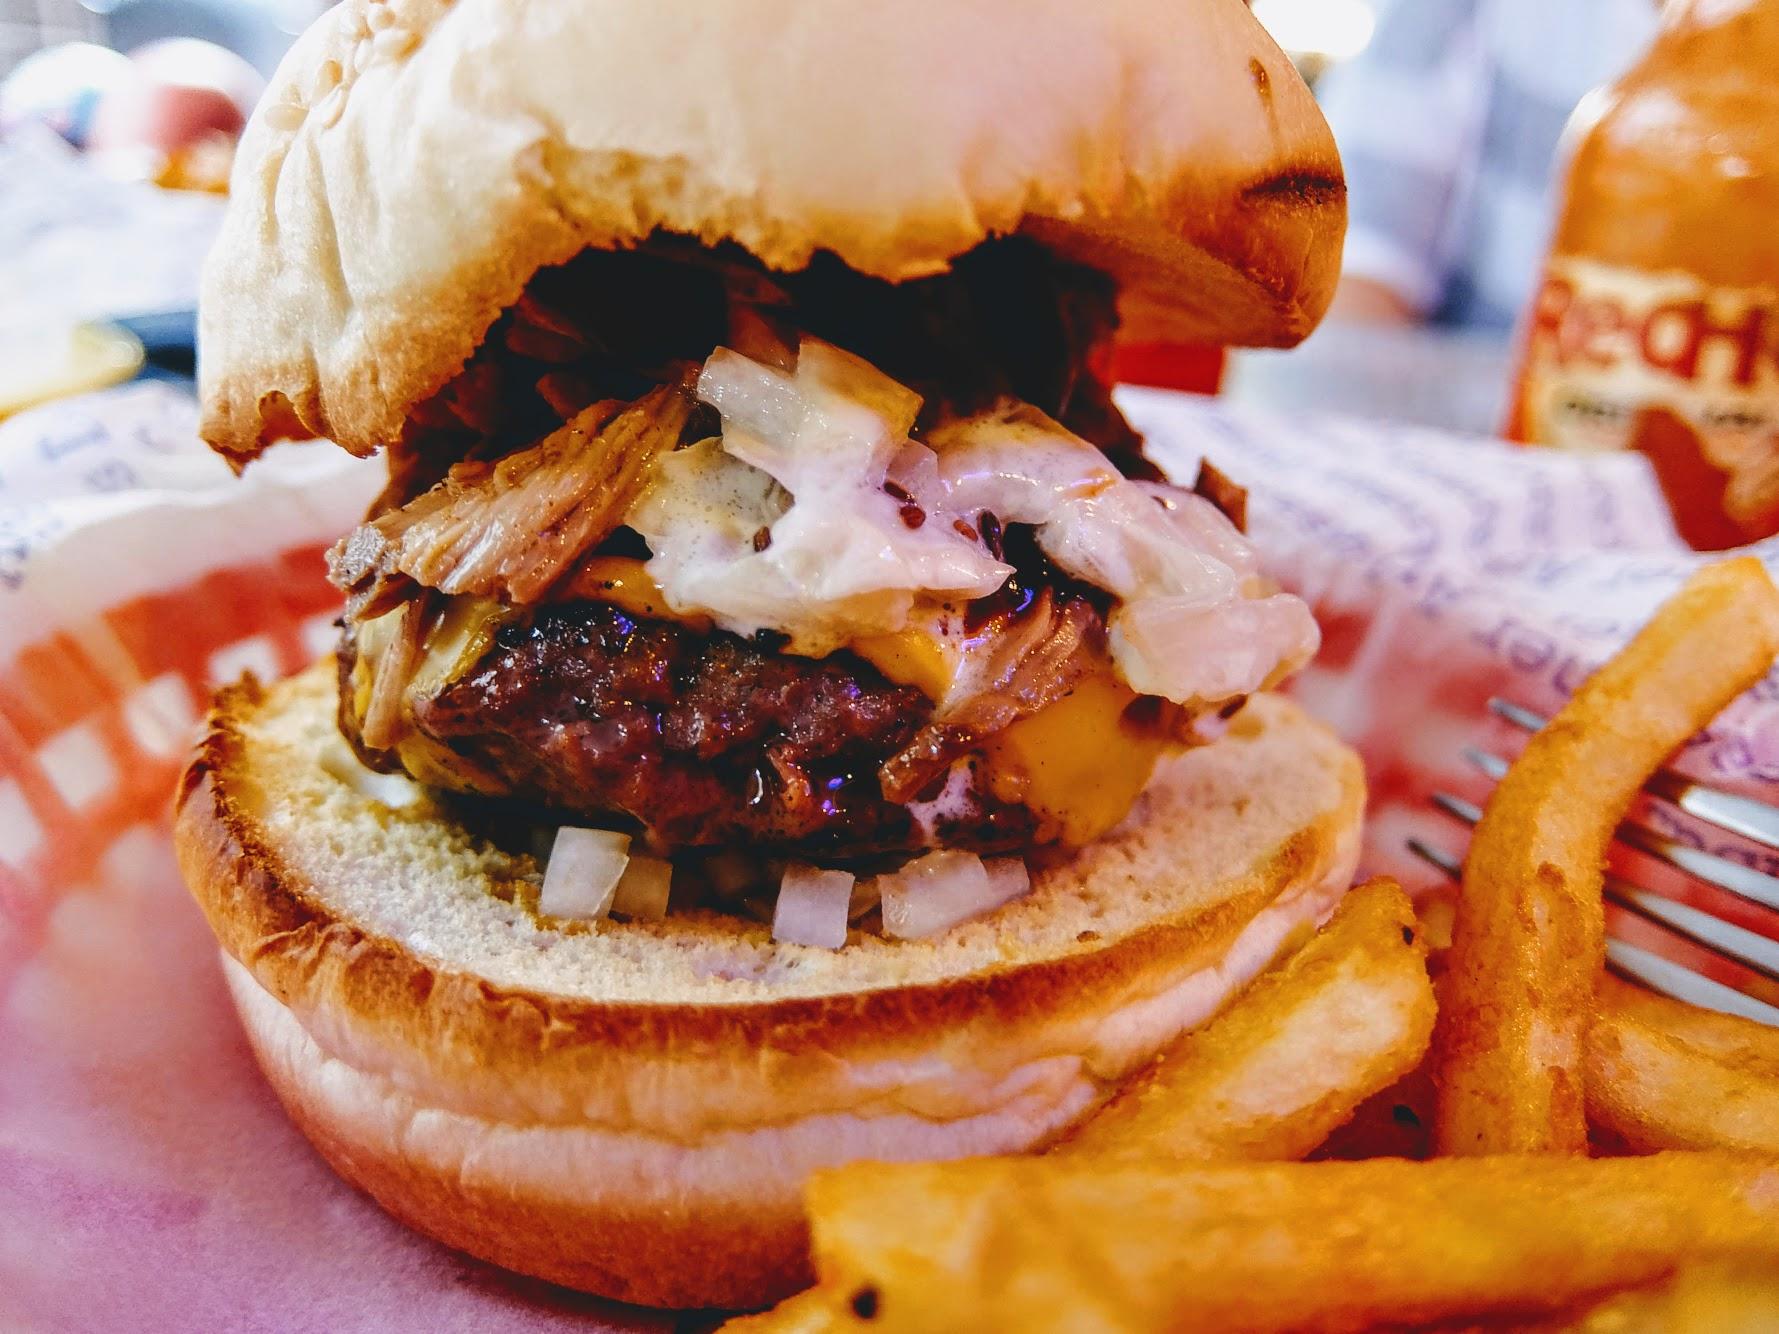 牛肉漢堡排部分沒有過多肥筋,也不會太油膩,上頭的豬肉絲加上烤肉醬非常搭配,好吃啊! 漢堡部分很酥脆很酥脆,扎實口感喔